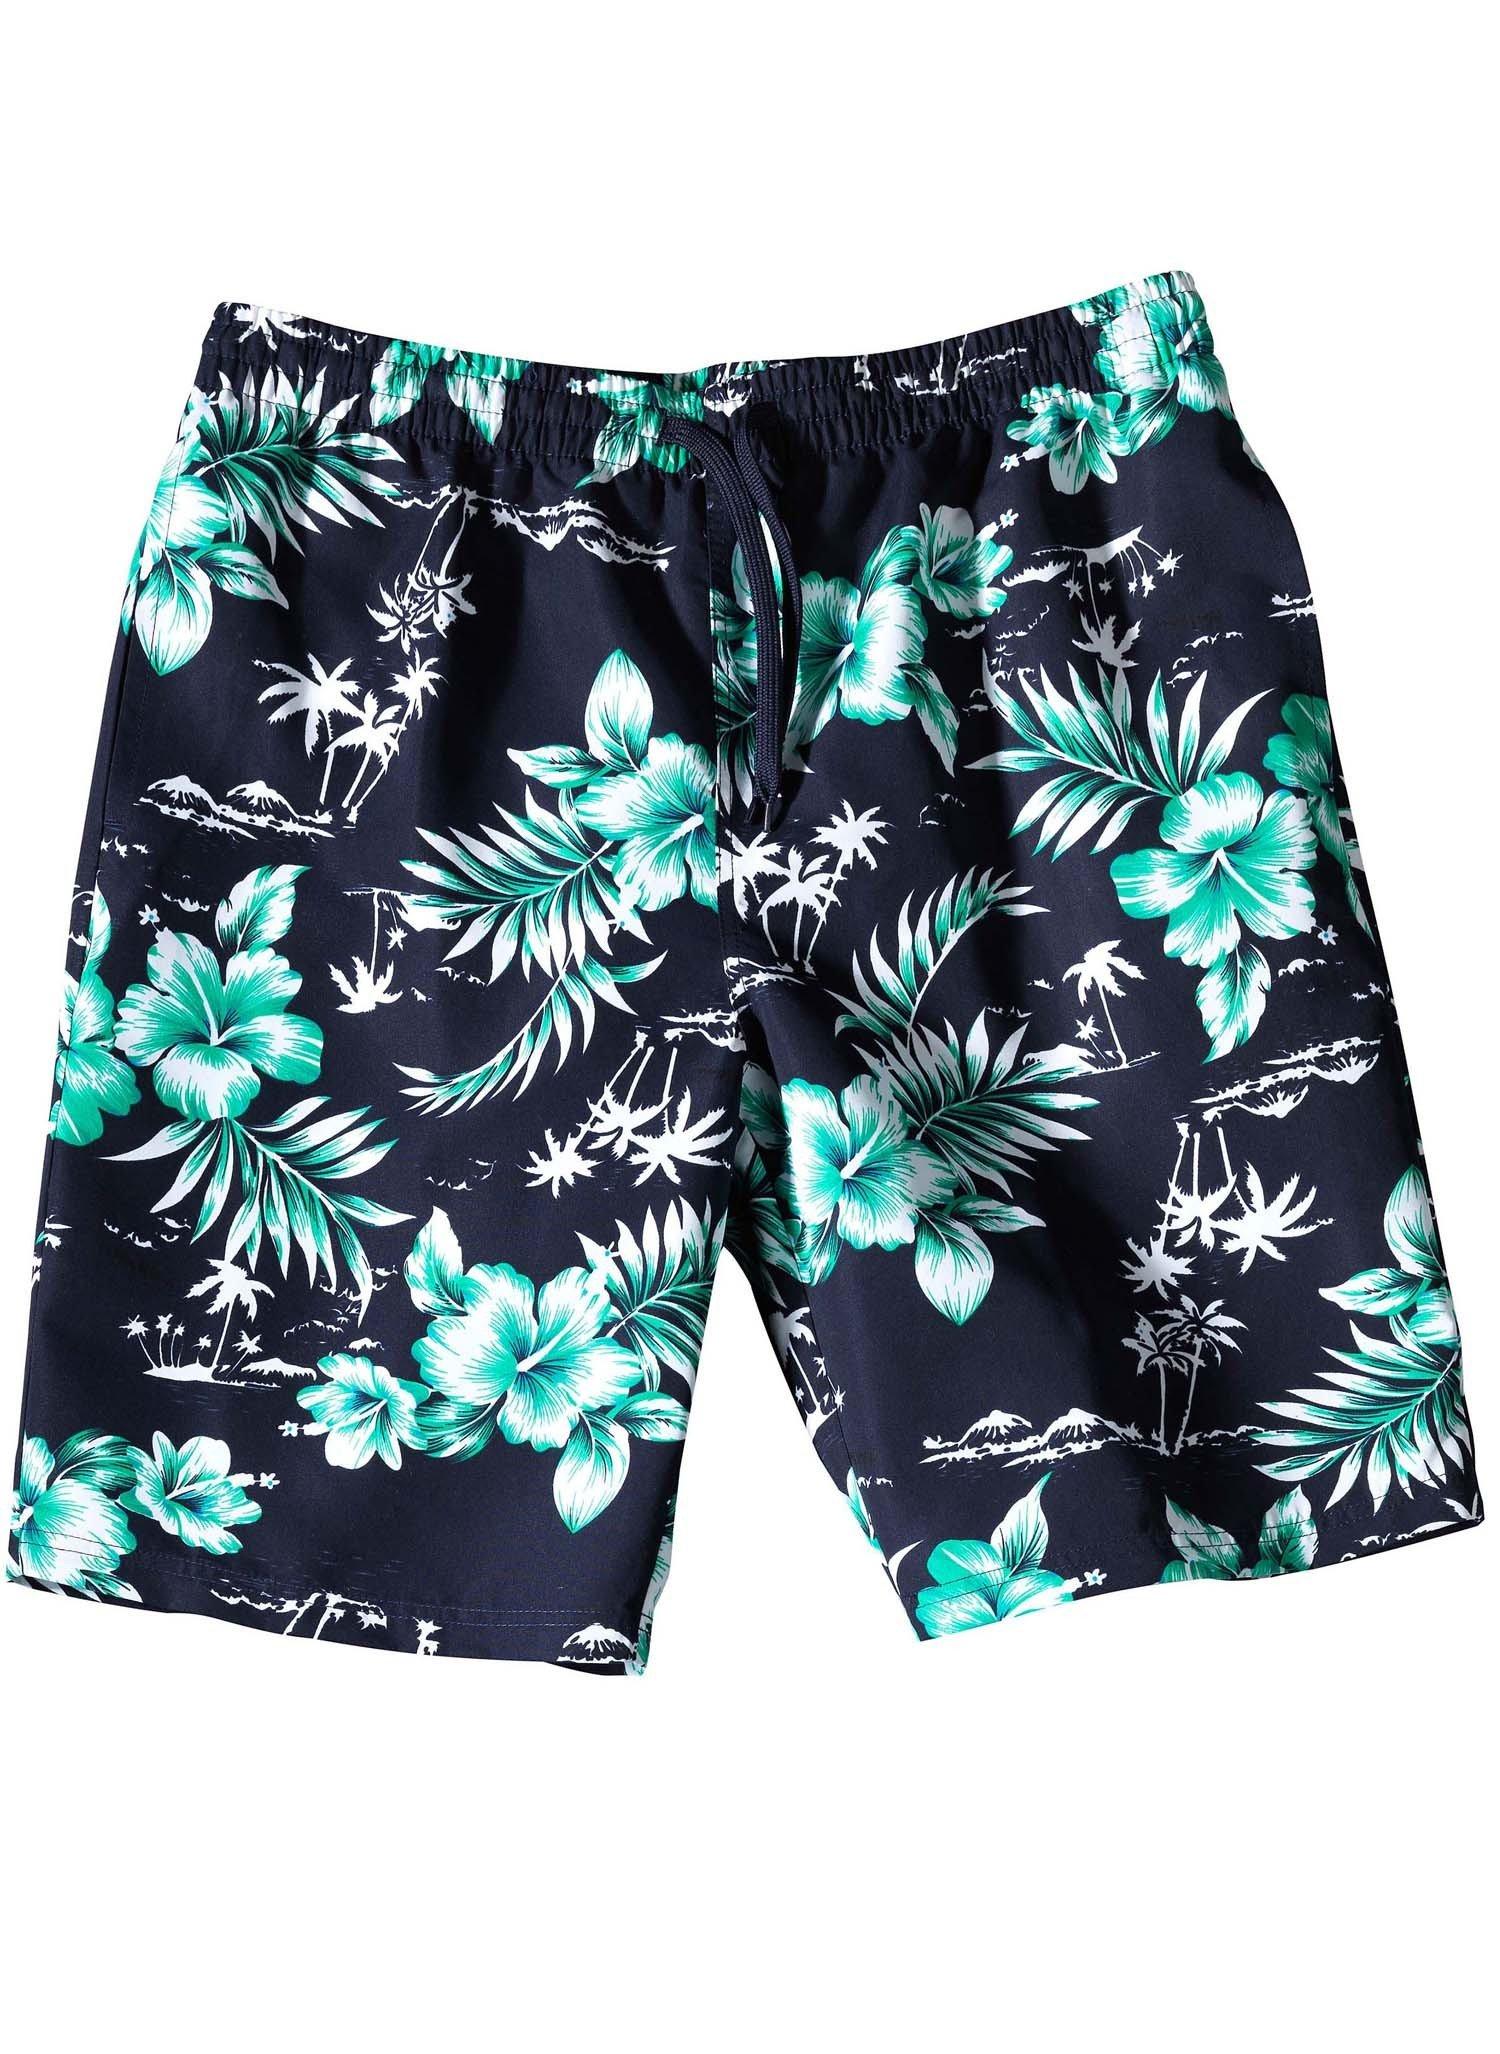 H-Bade-Shorts,HAWAII grün L 059 - 2 - Ronja.ch